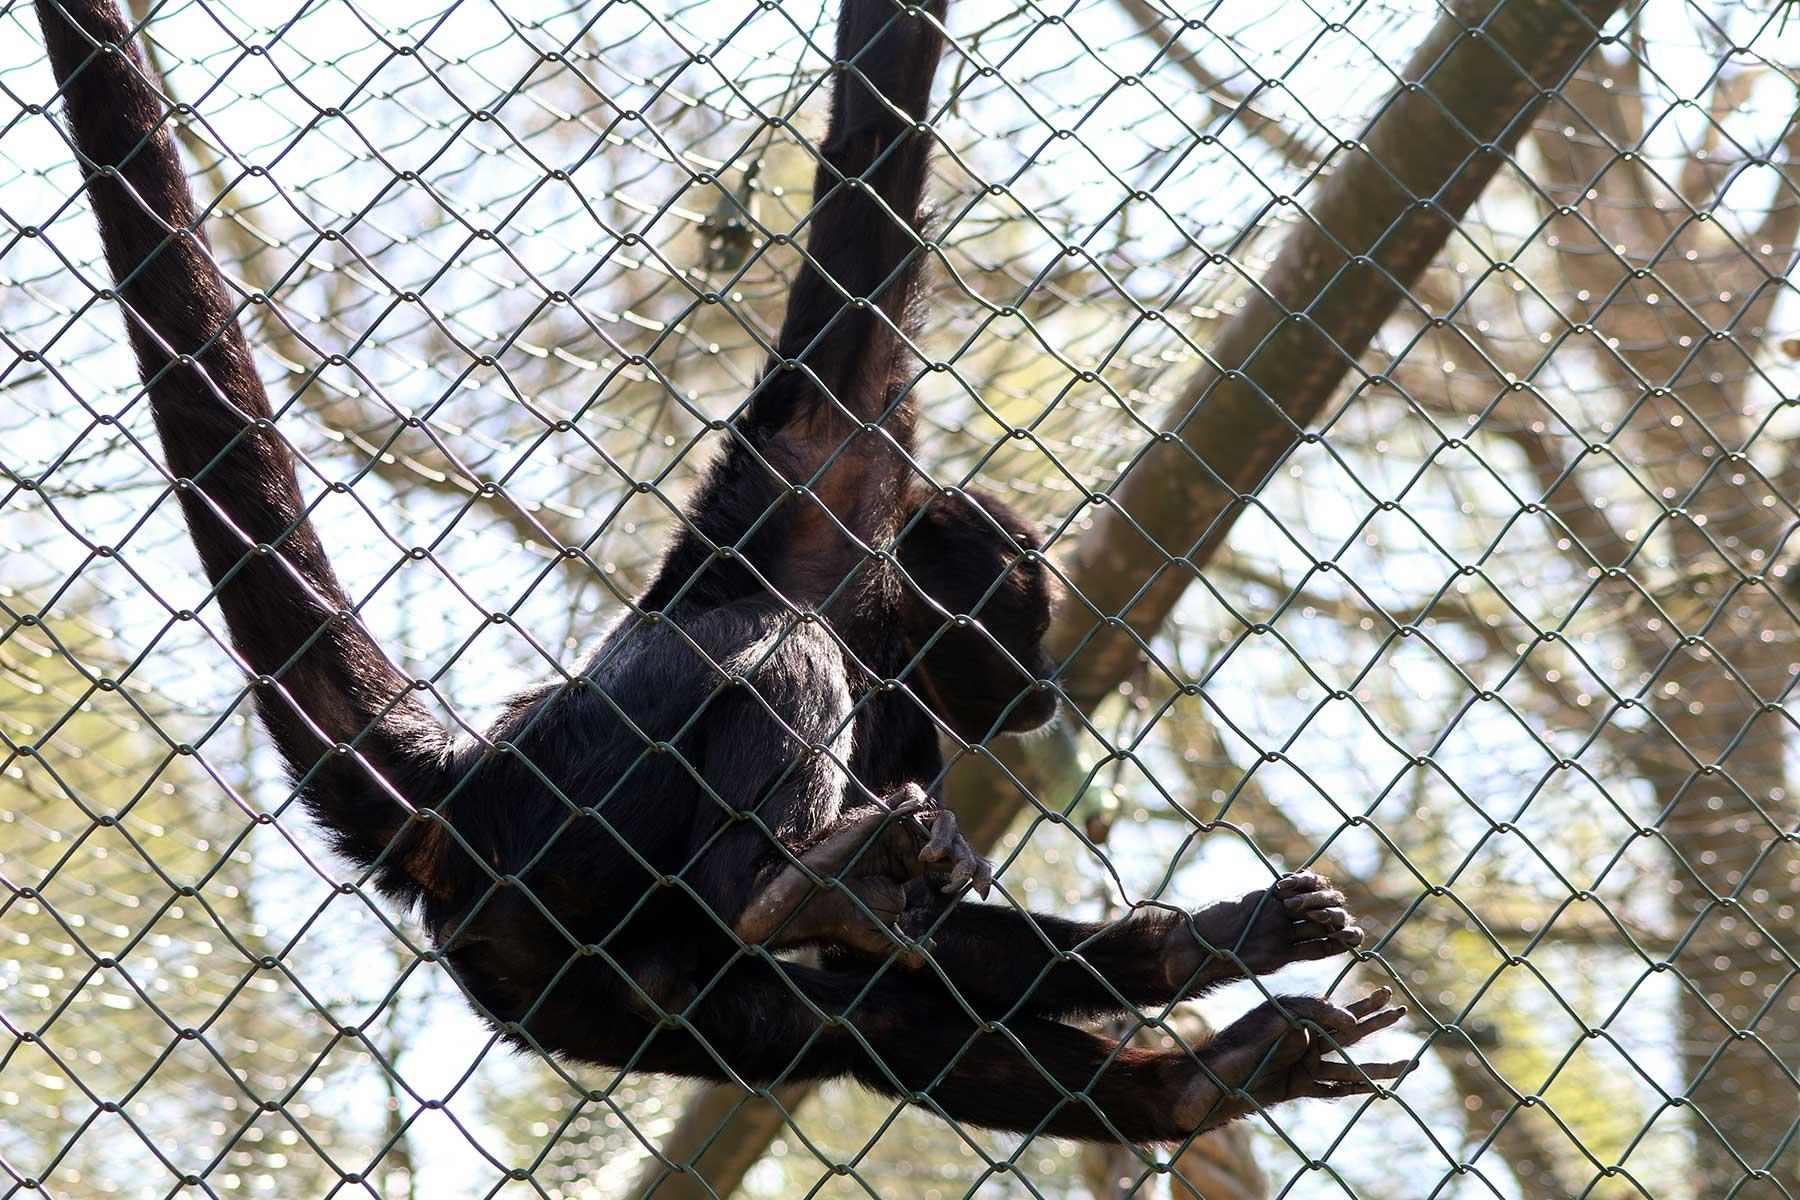 Bilder vom Besuch im Zoologischen Garten Eberswalde Zoologischer-garten-eberswalde-Besuch_15